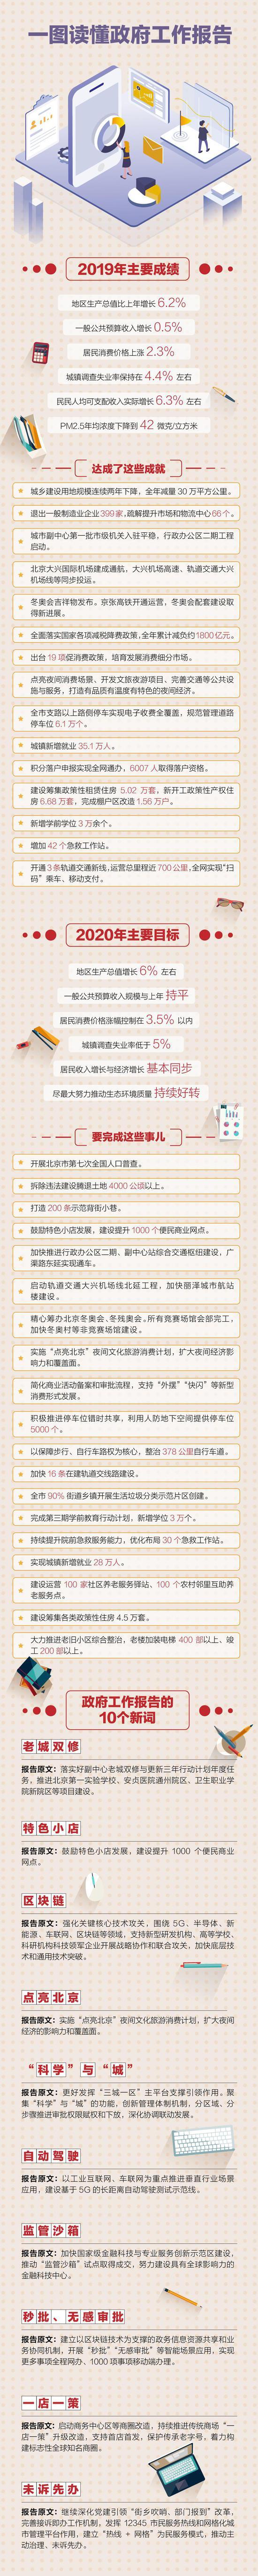 一图读懂北京政府工作报告 2020要完成这些大事儿图片